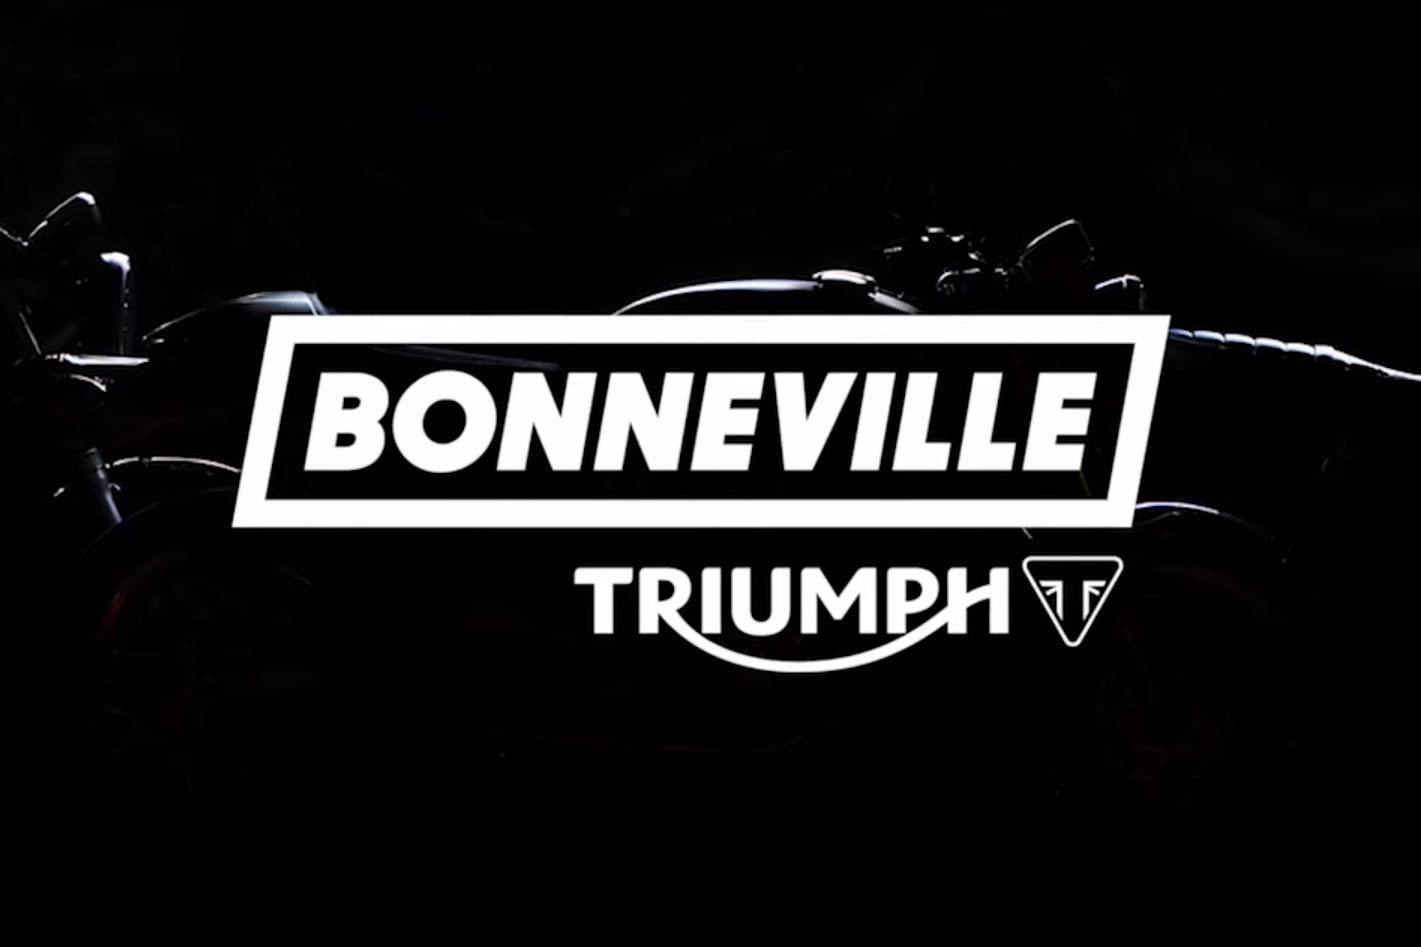 New Triumph Bonneville confirmed